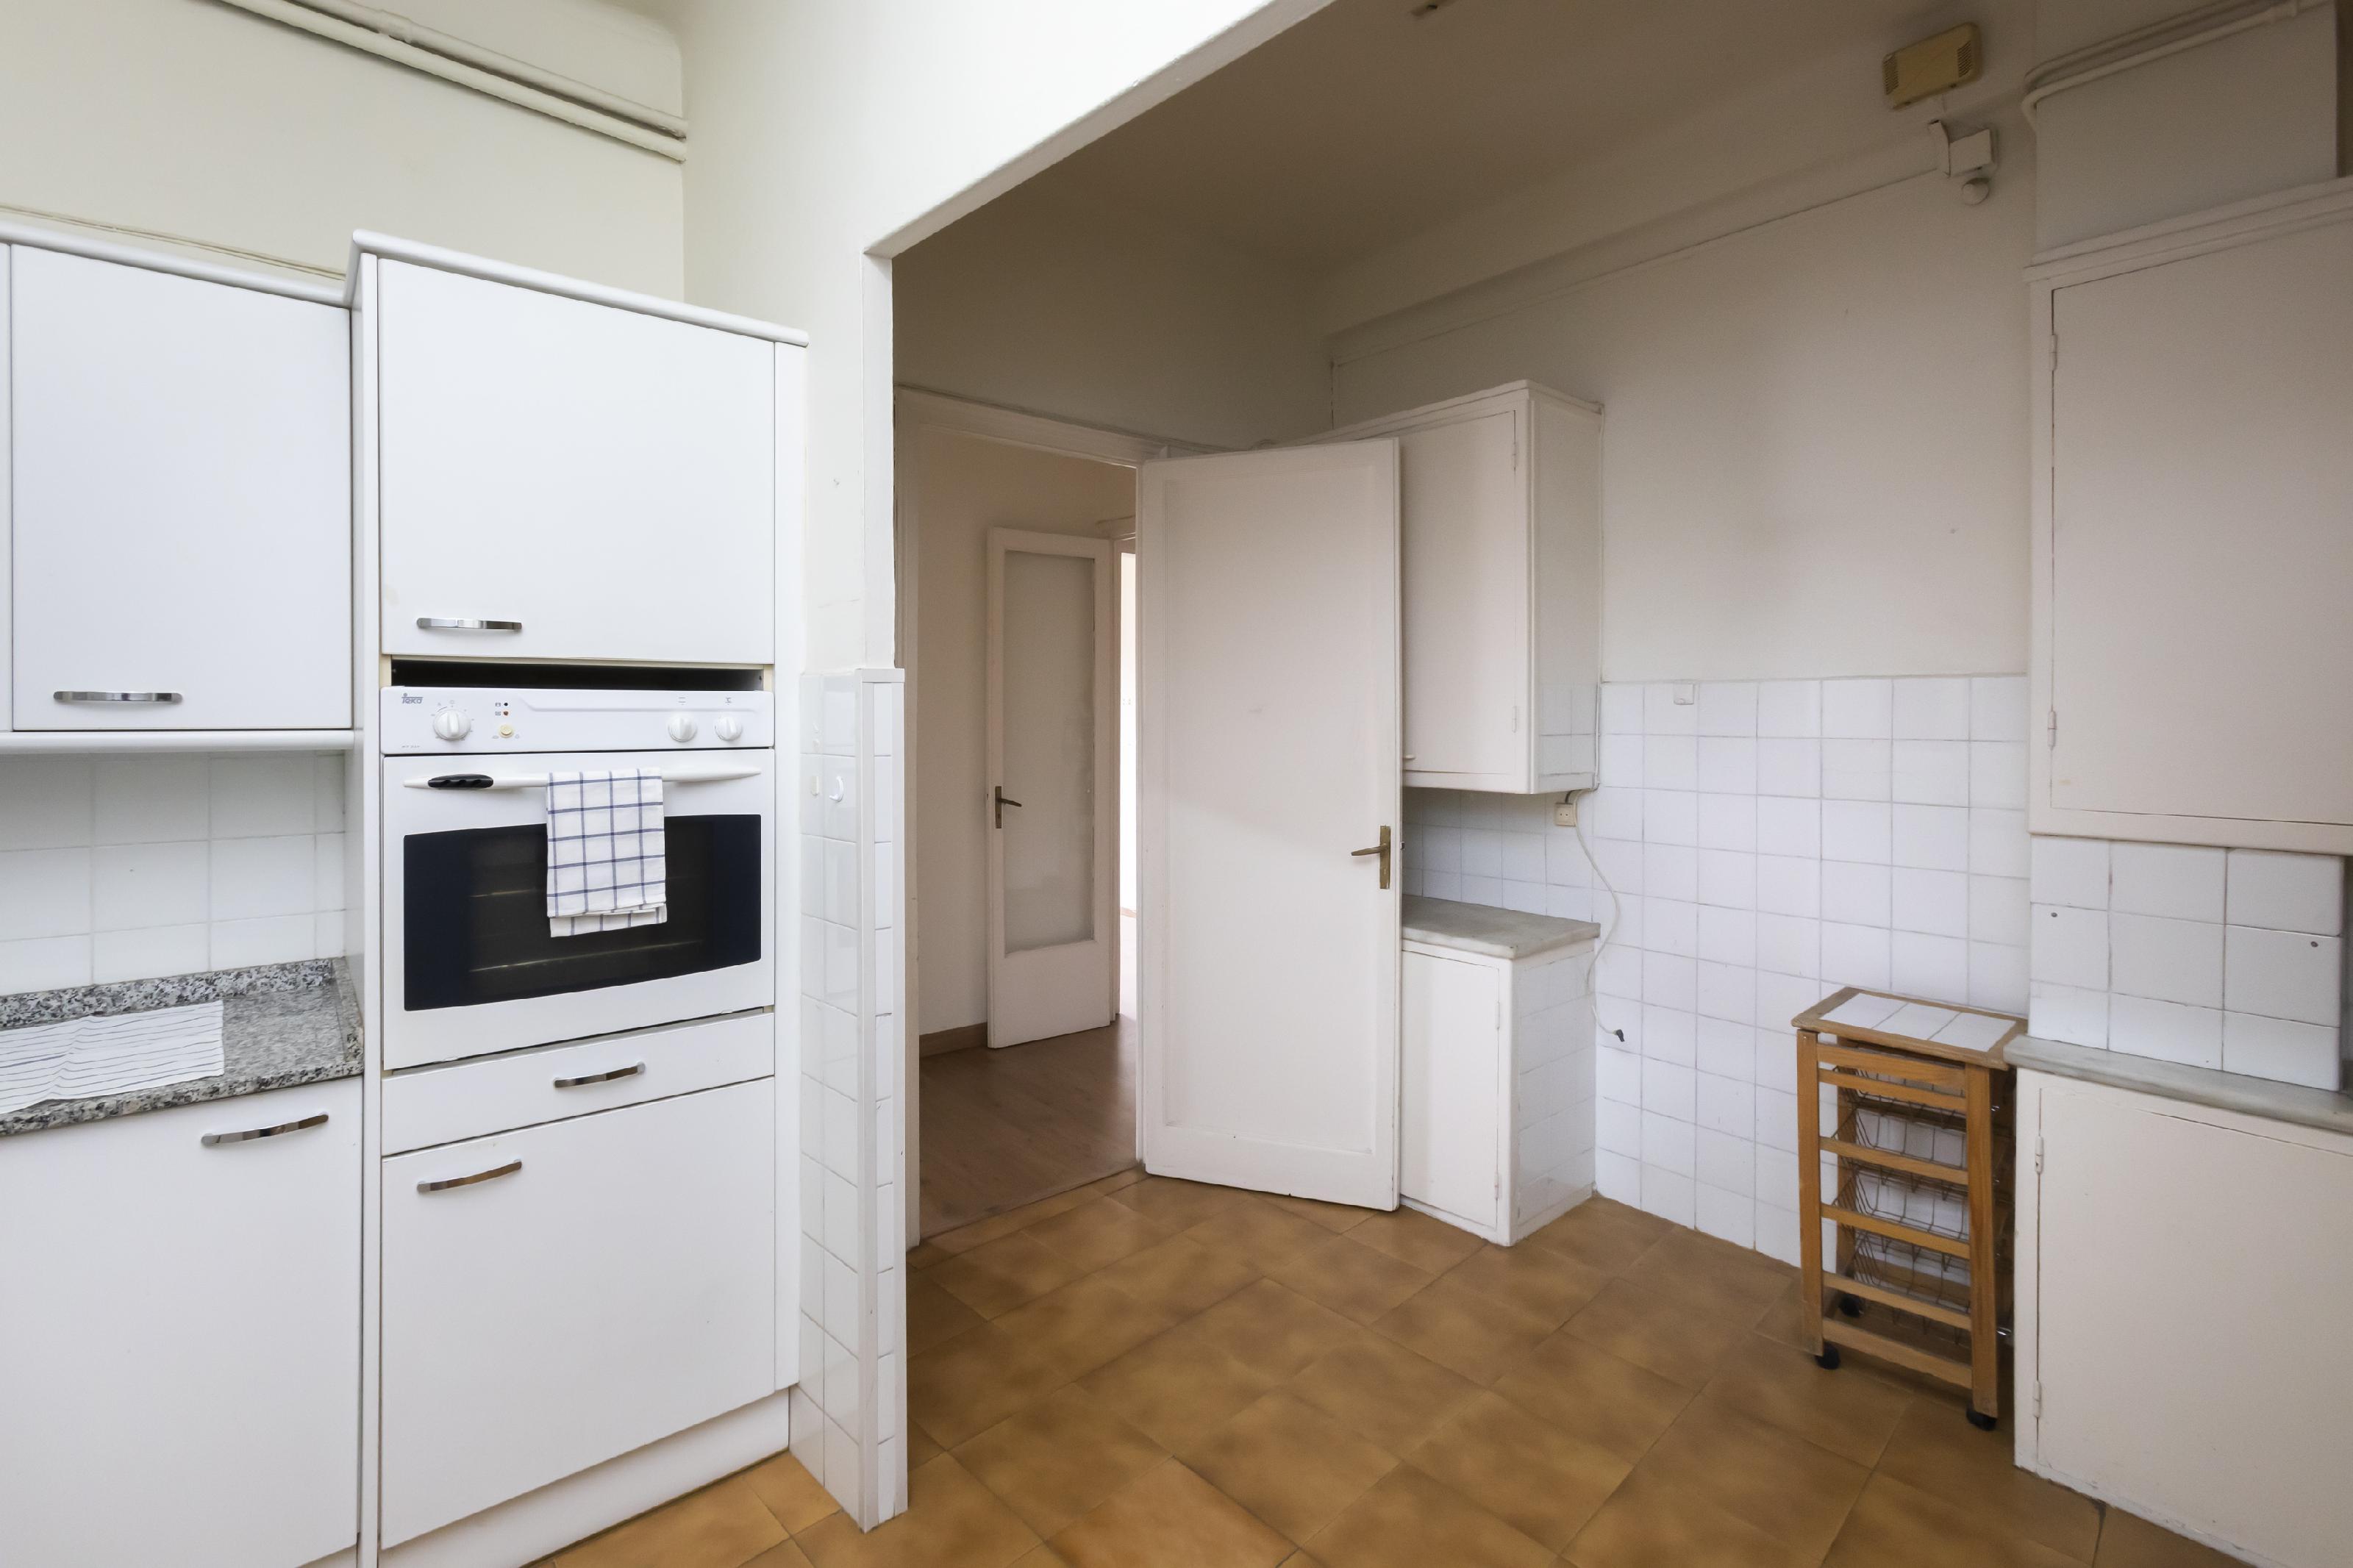 248888 Flat for sale in Sarrià-Sant Gervasi, St. Gervasi-Bonanova 21